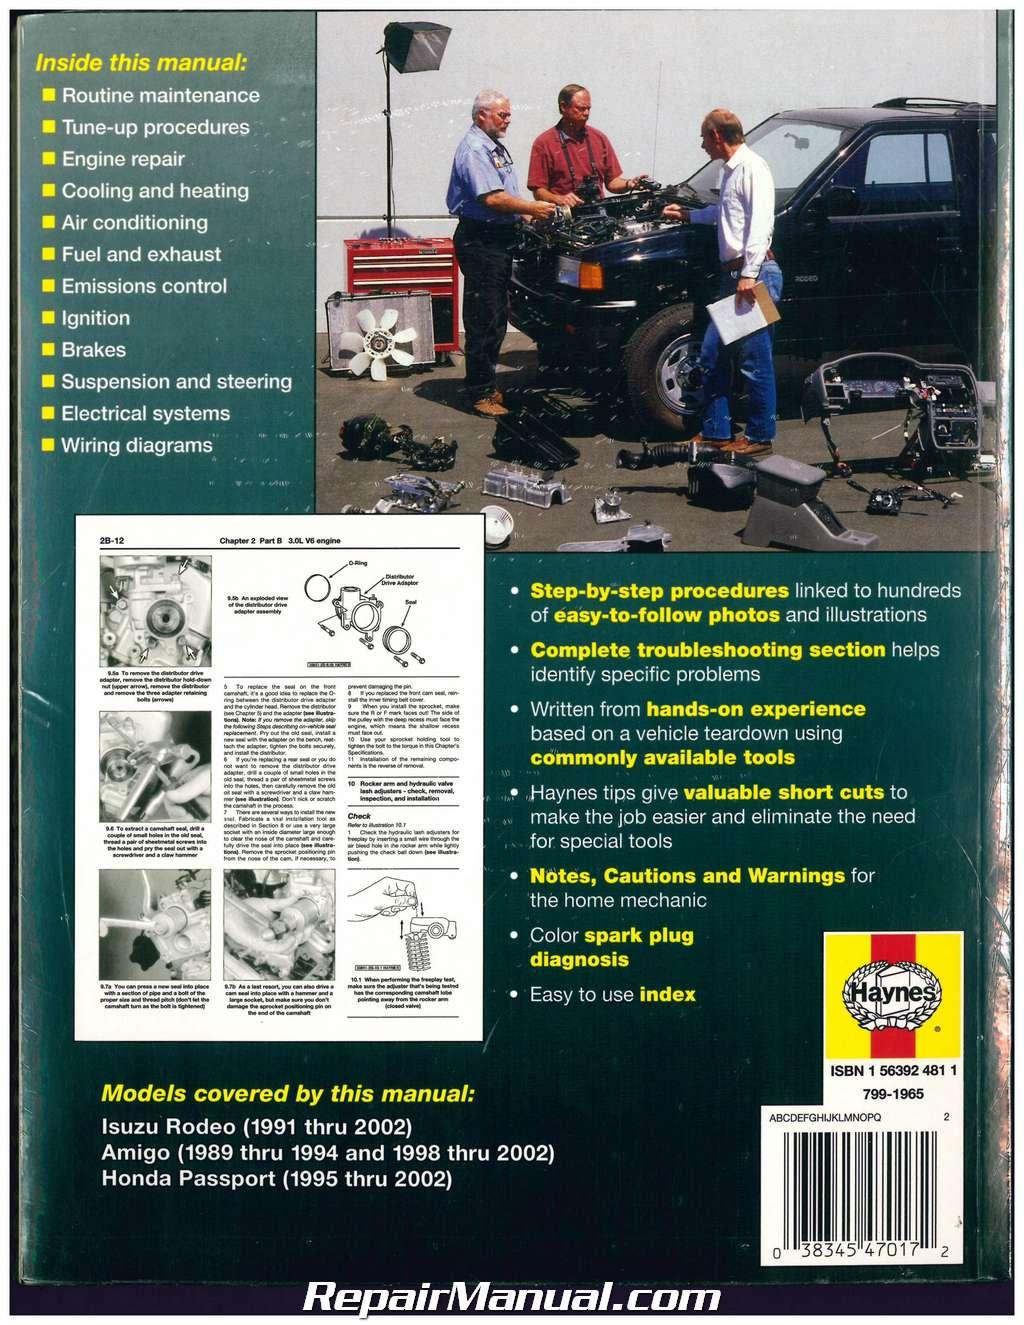 Isuzu Rodeo Amigo Honda Passport 1989-2002 Haynes Automotive Repair Manual